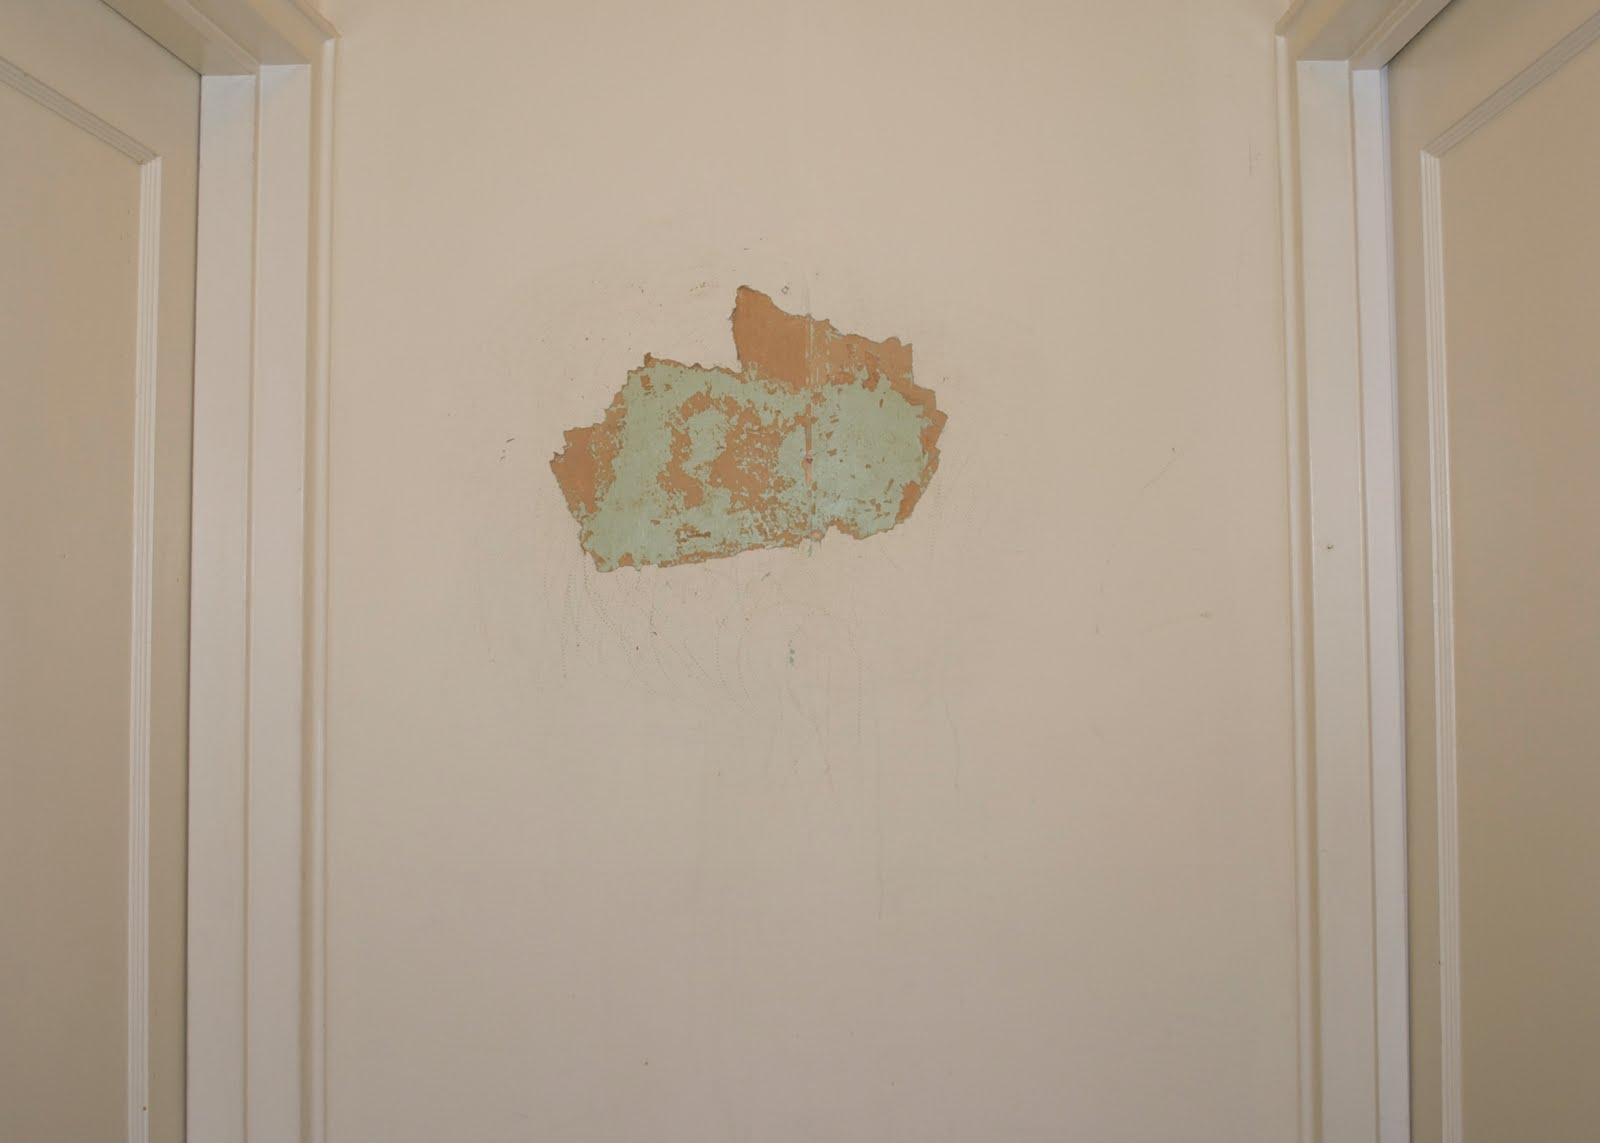 Best Wallpaper Seam Repair Adhesive Wallpapersafari